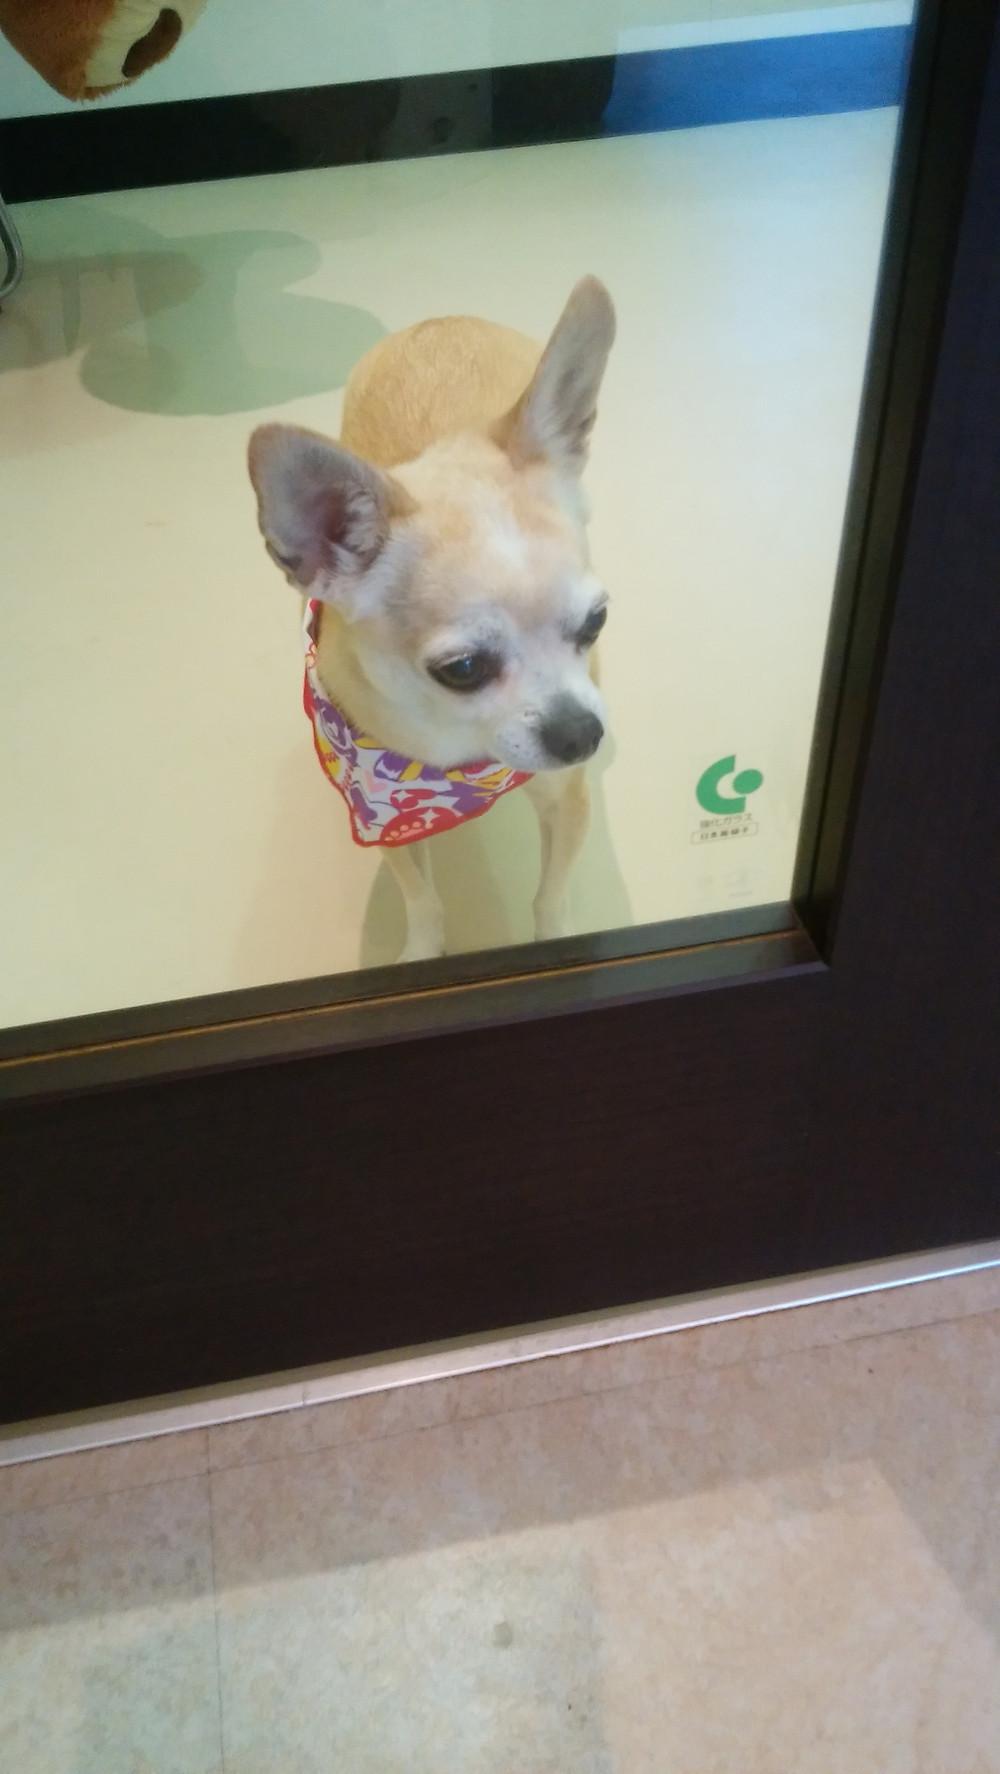 大田区大森 チワワ カノンちゃん ママのお迎えまだかな? 受付側から見てる写真